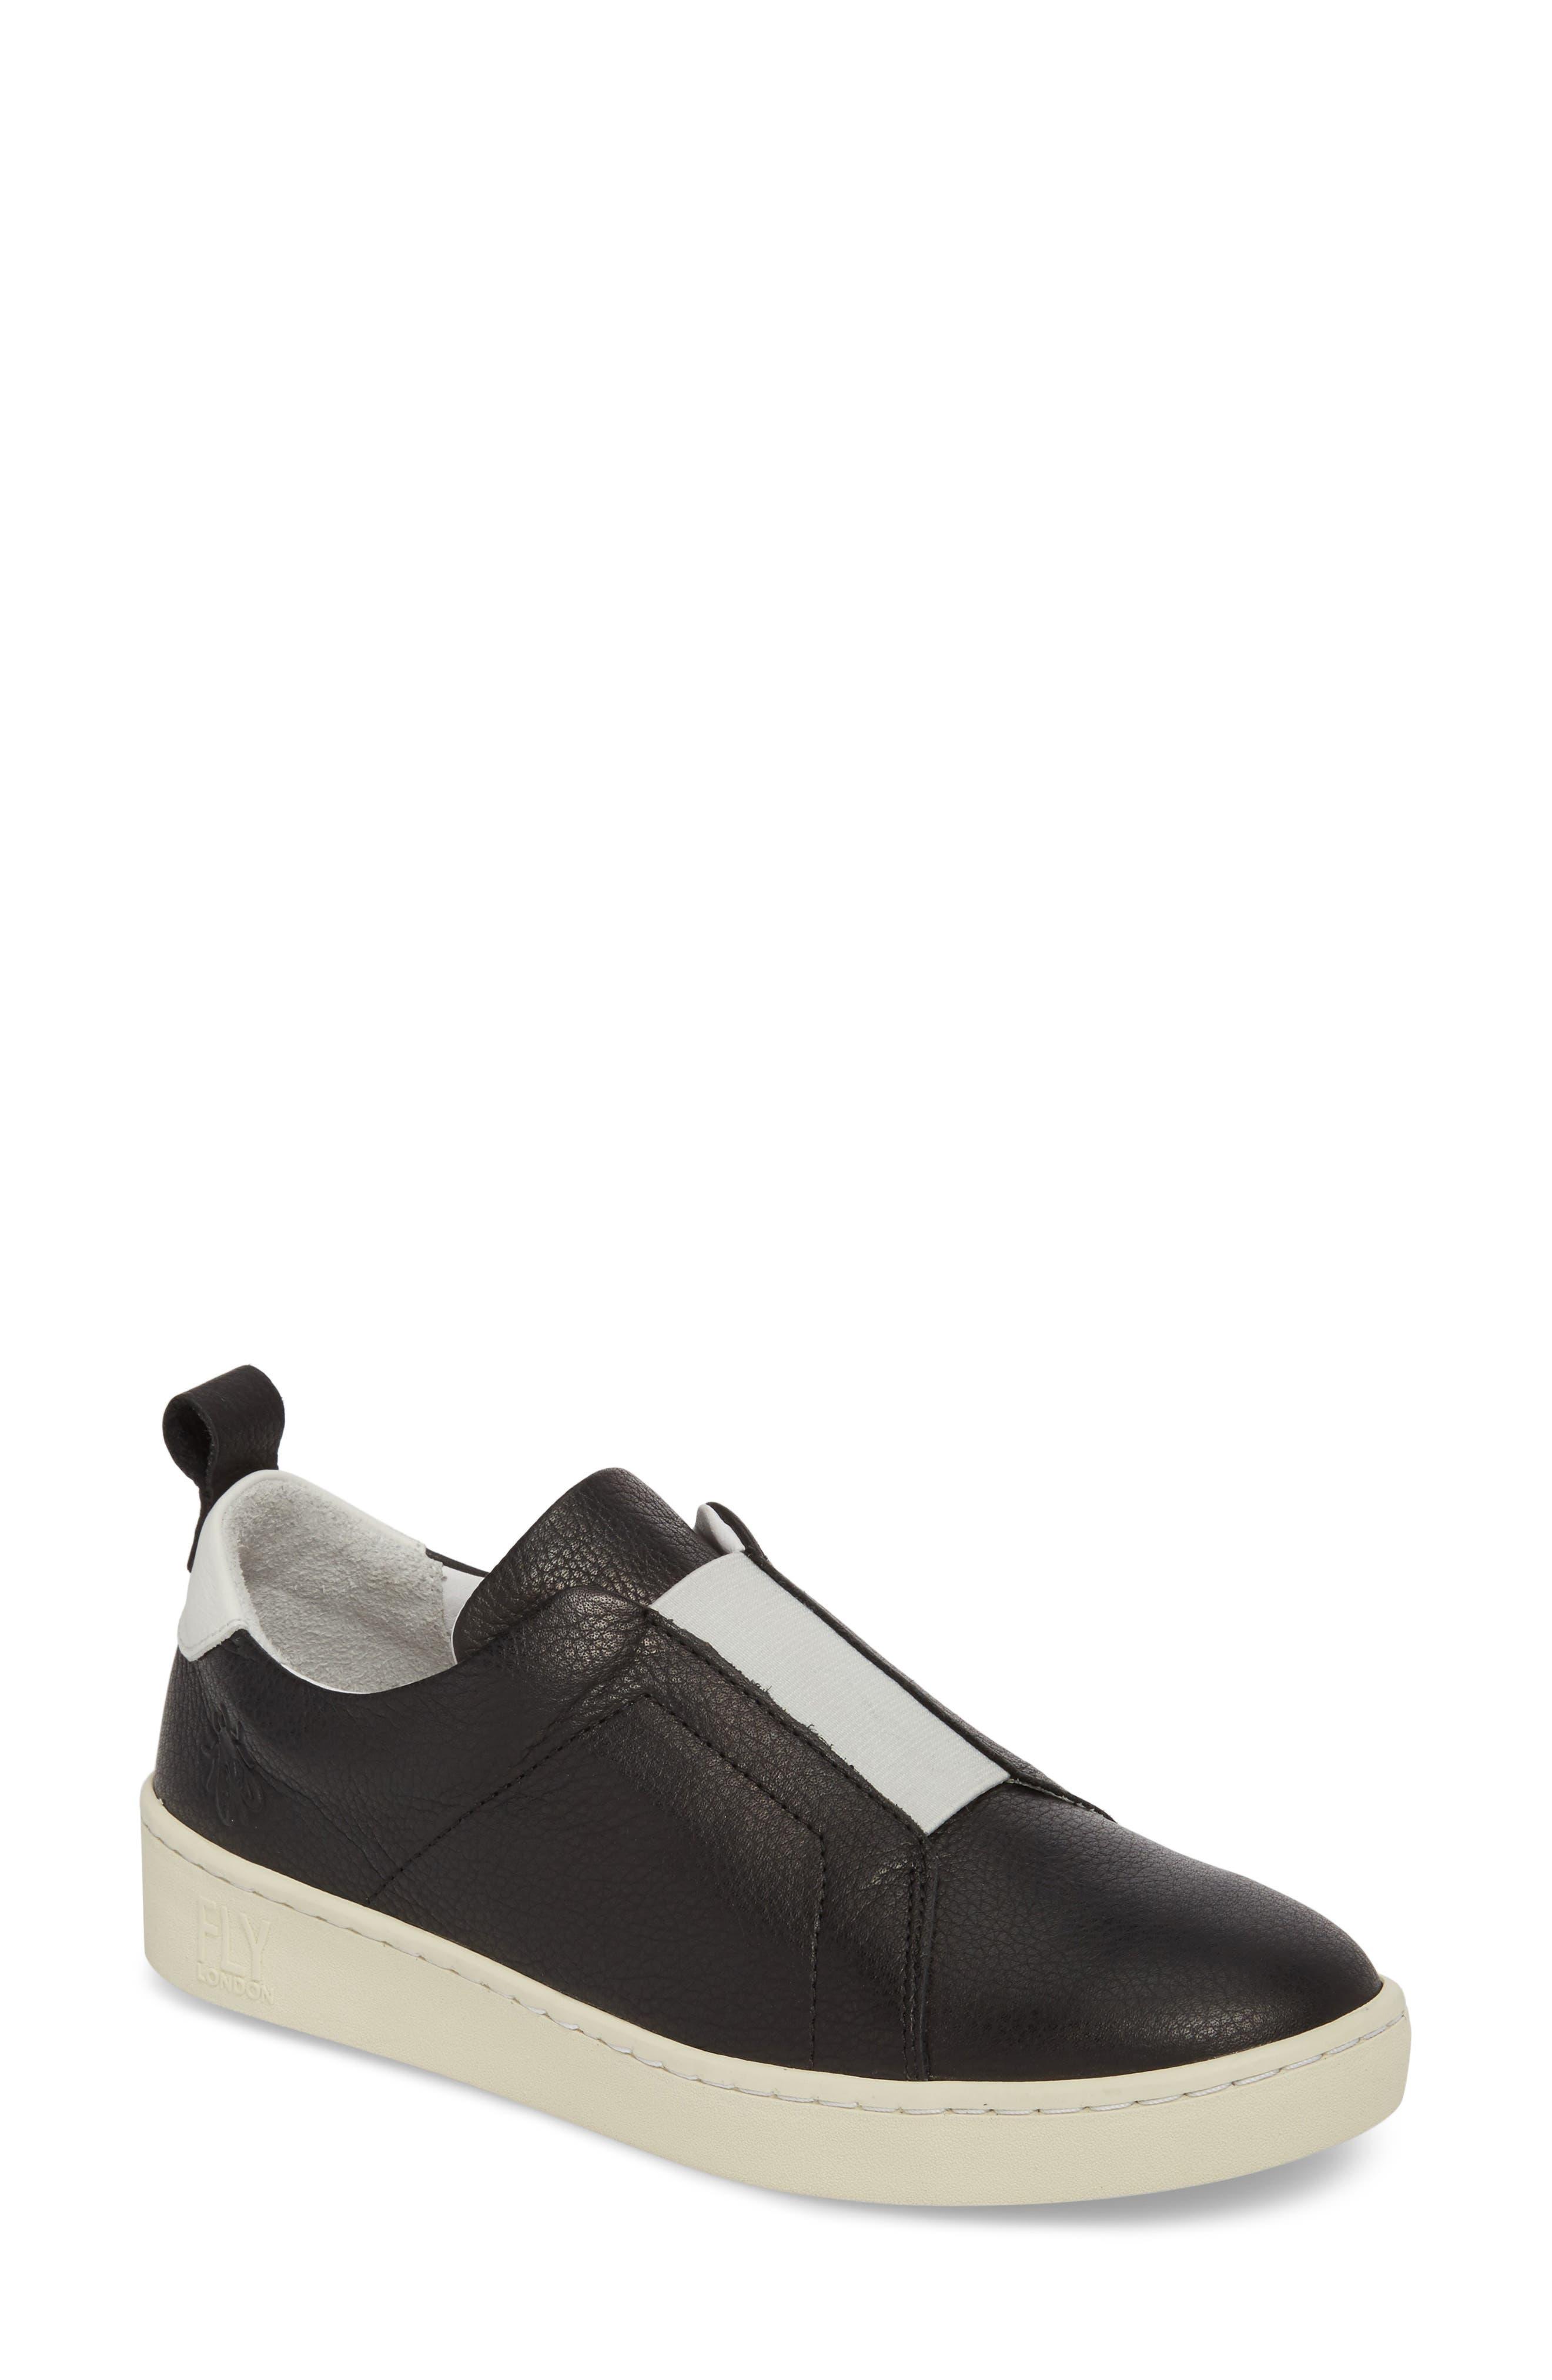 Mutt Slip-On Sneaker,                         Main,                         color, BLACK BRITO LEATHER